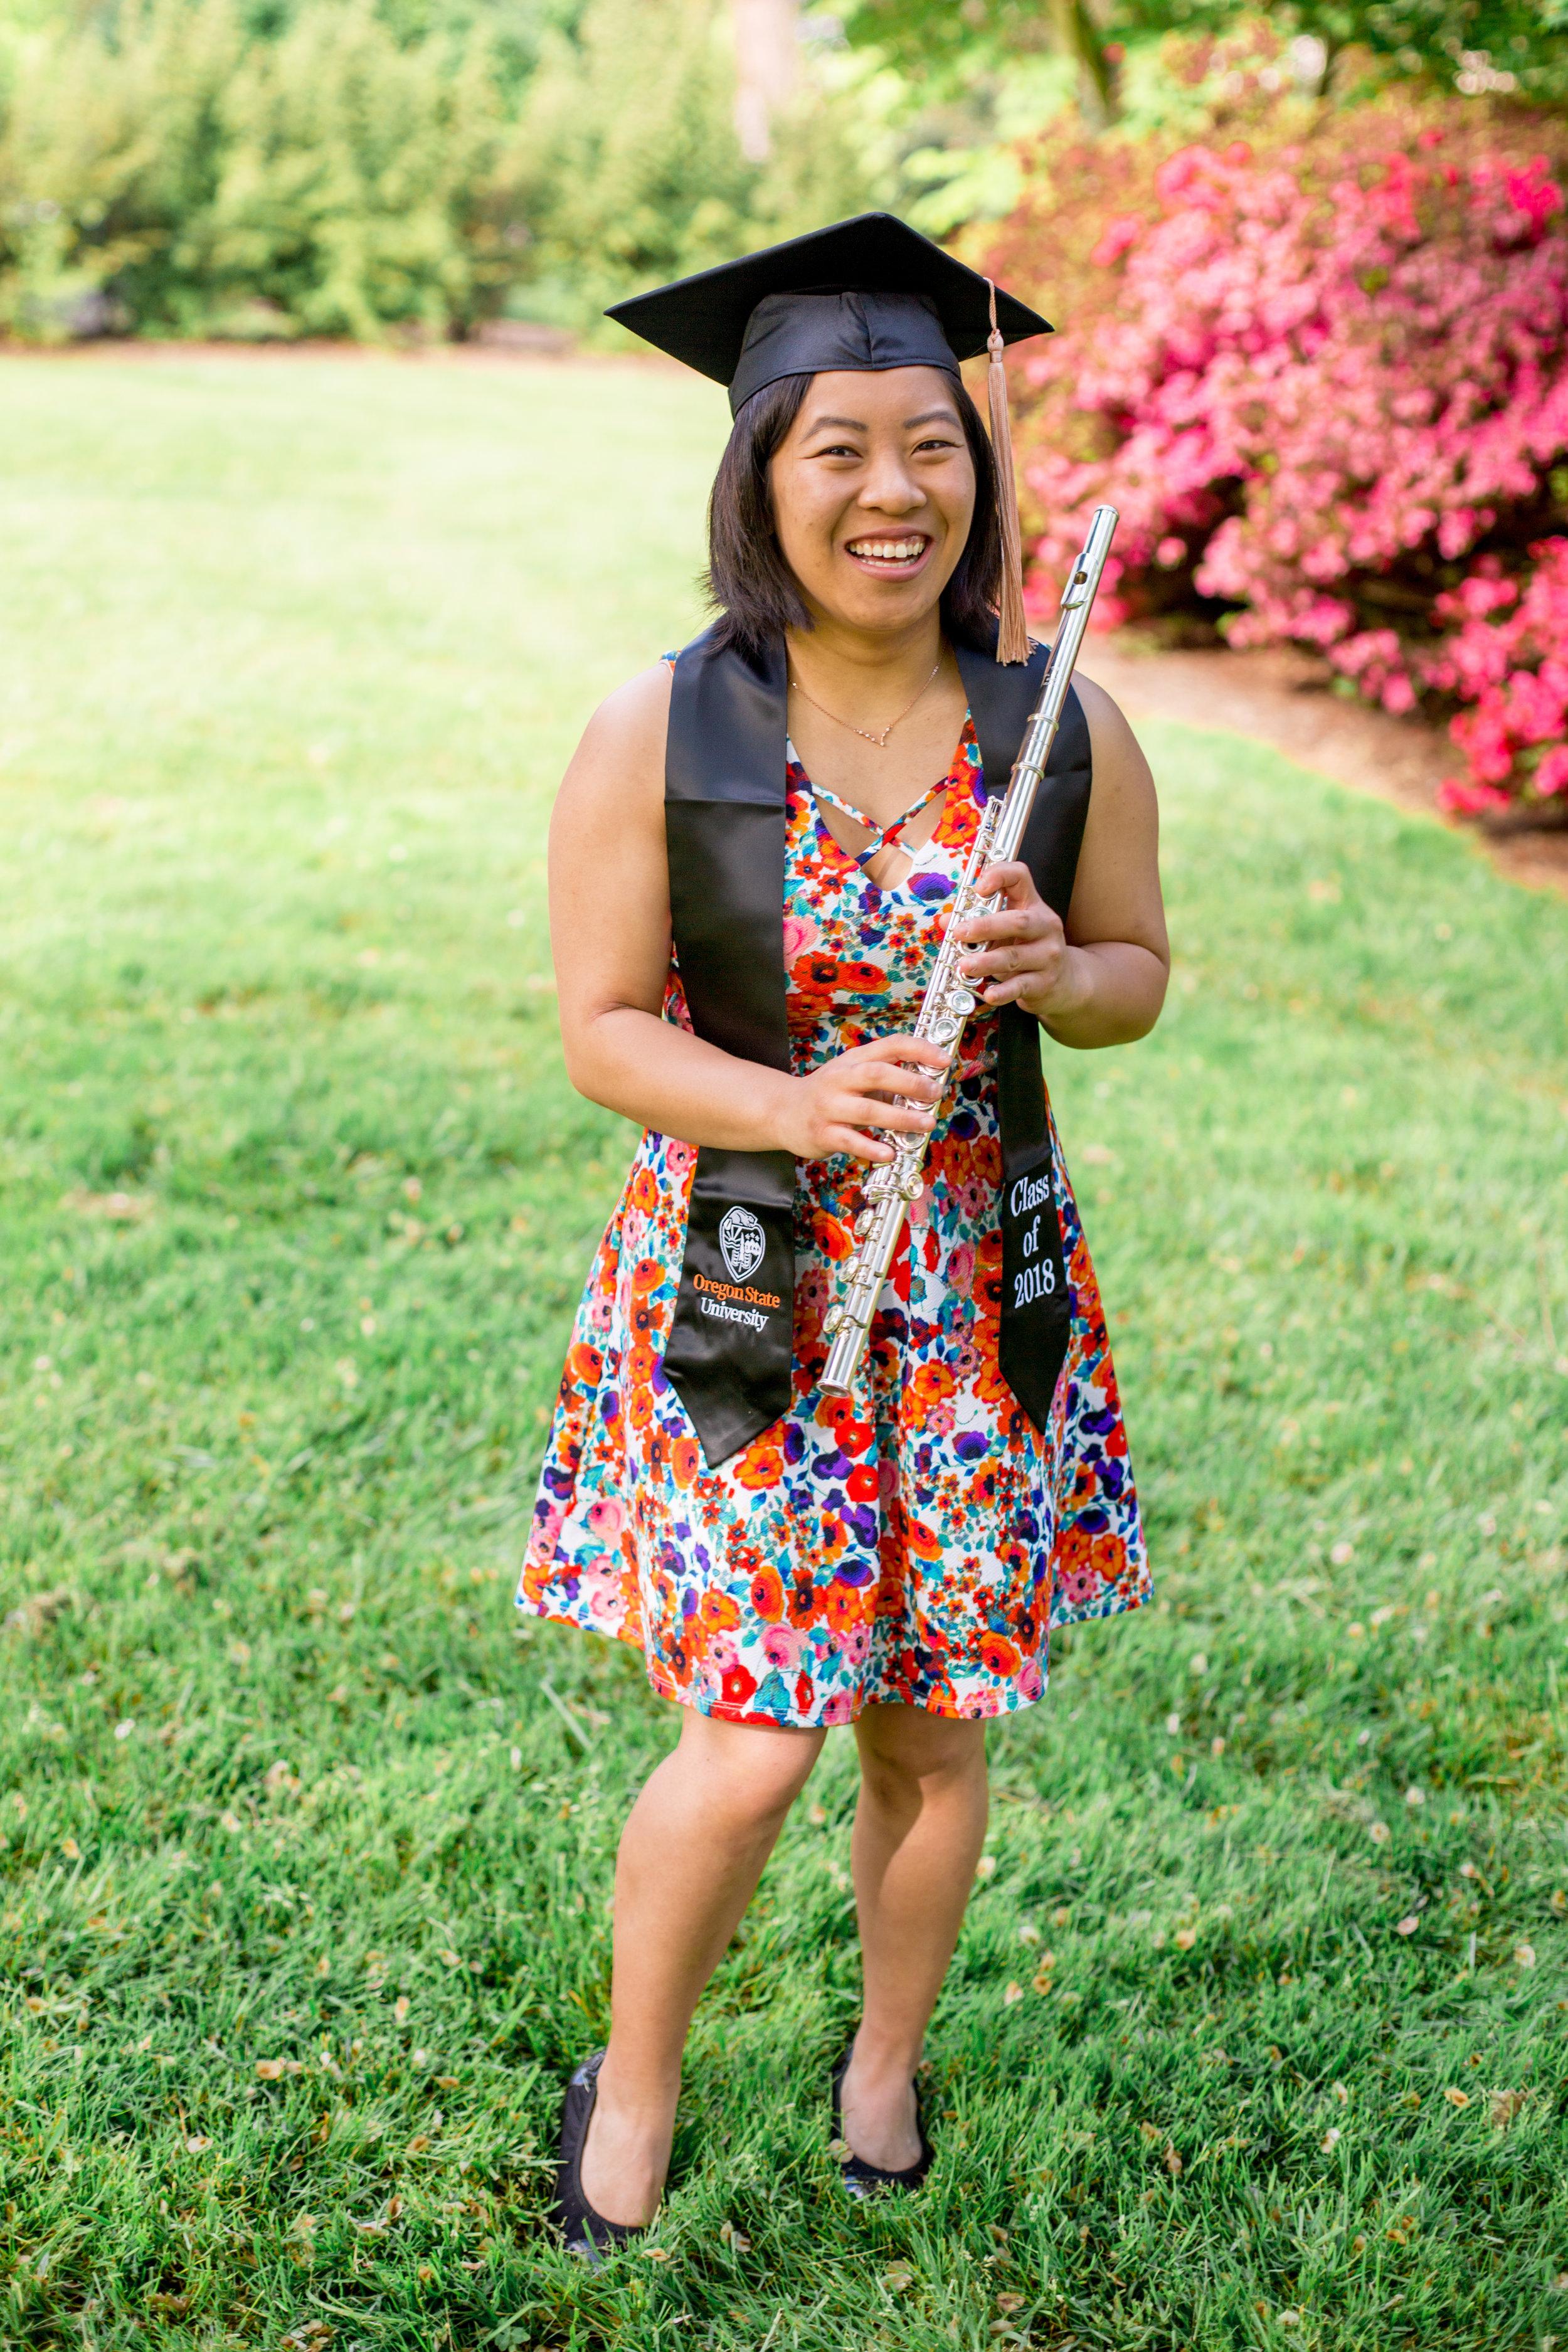 SeniorPhotos-Rachel-39.jpg